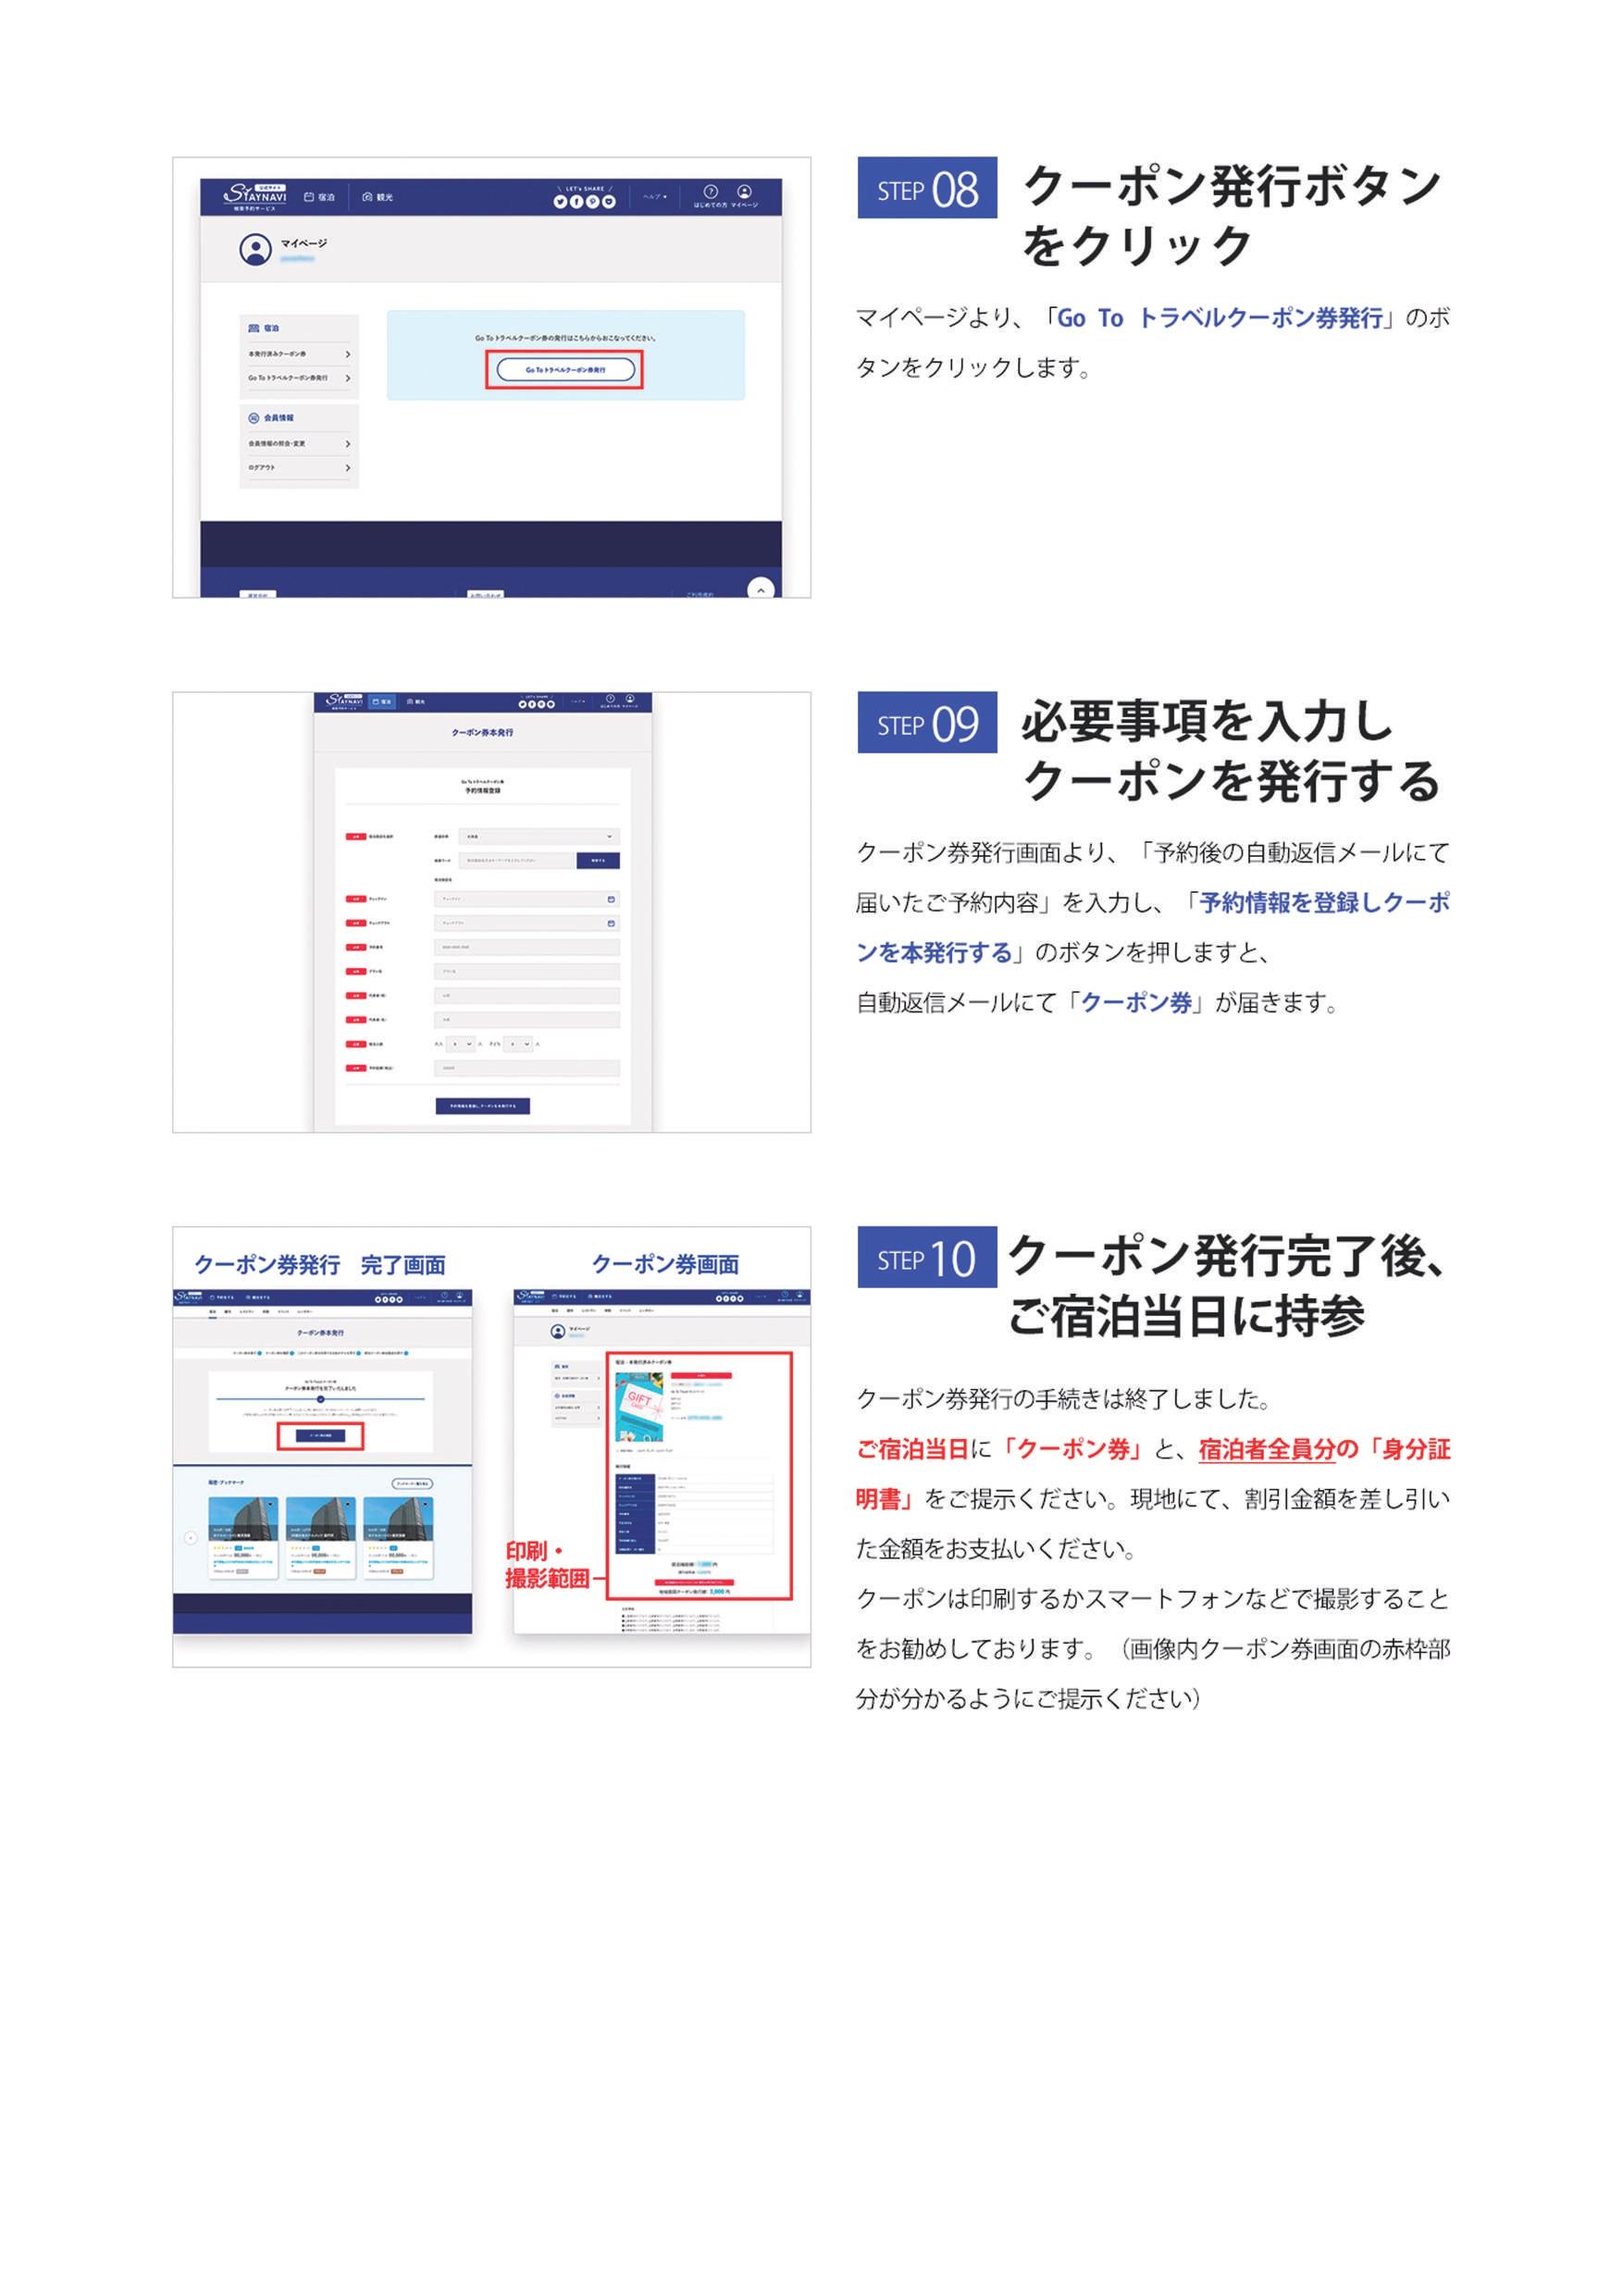 Gotoトラベルキャンペーン予約方法_page-0003